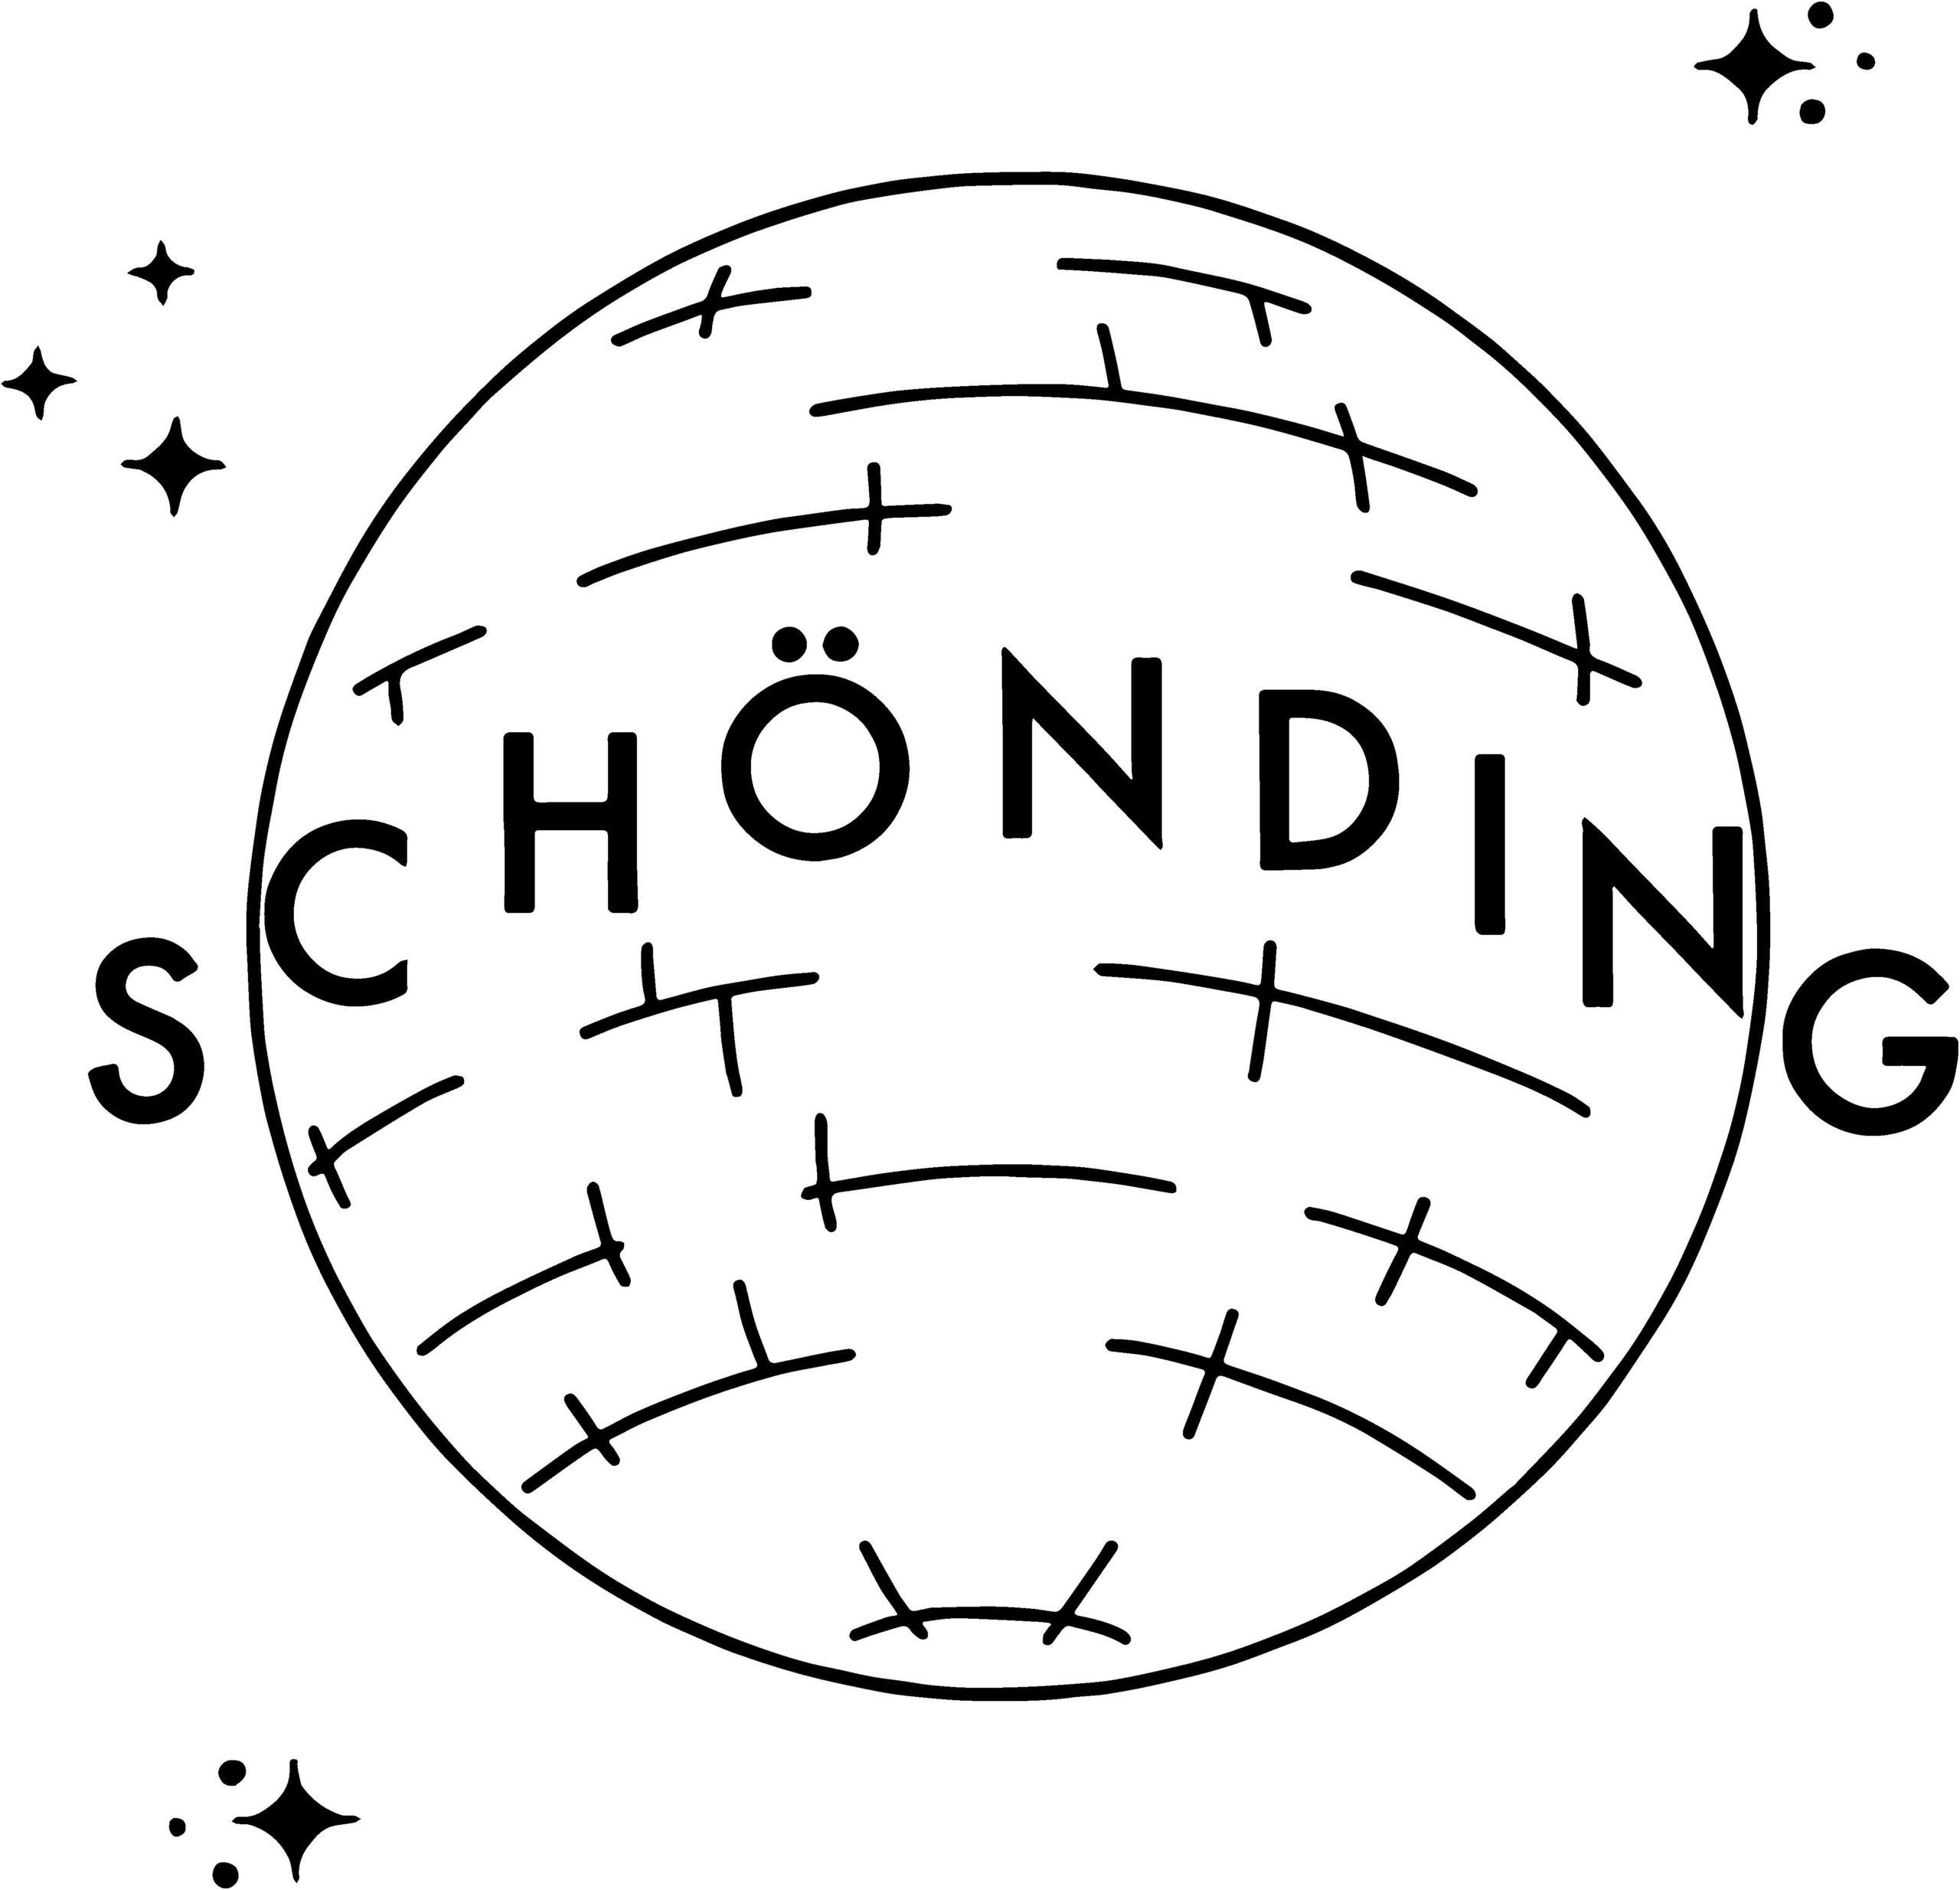 Die Abbildung zeigt das Logo des SchönDing Shops: eine stilisierte Diskokugel und der Schriftzug SCHÖNDING.